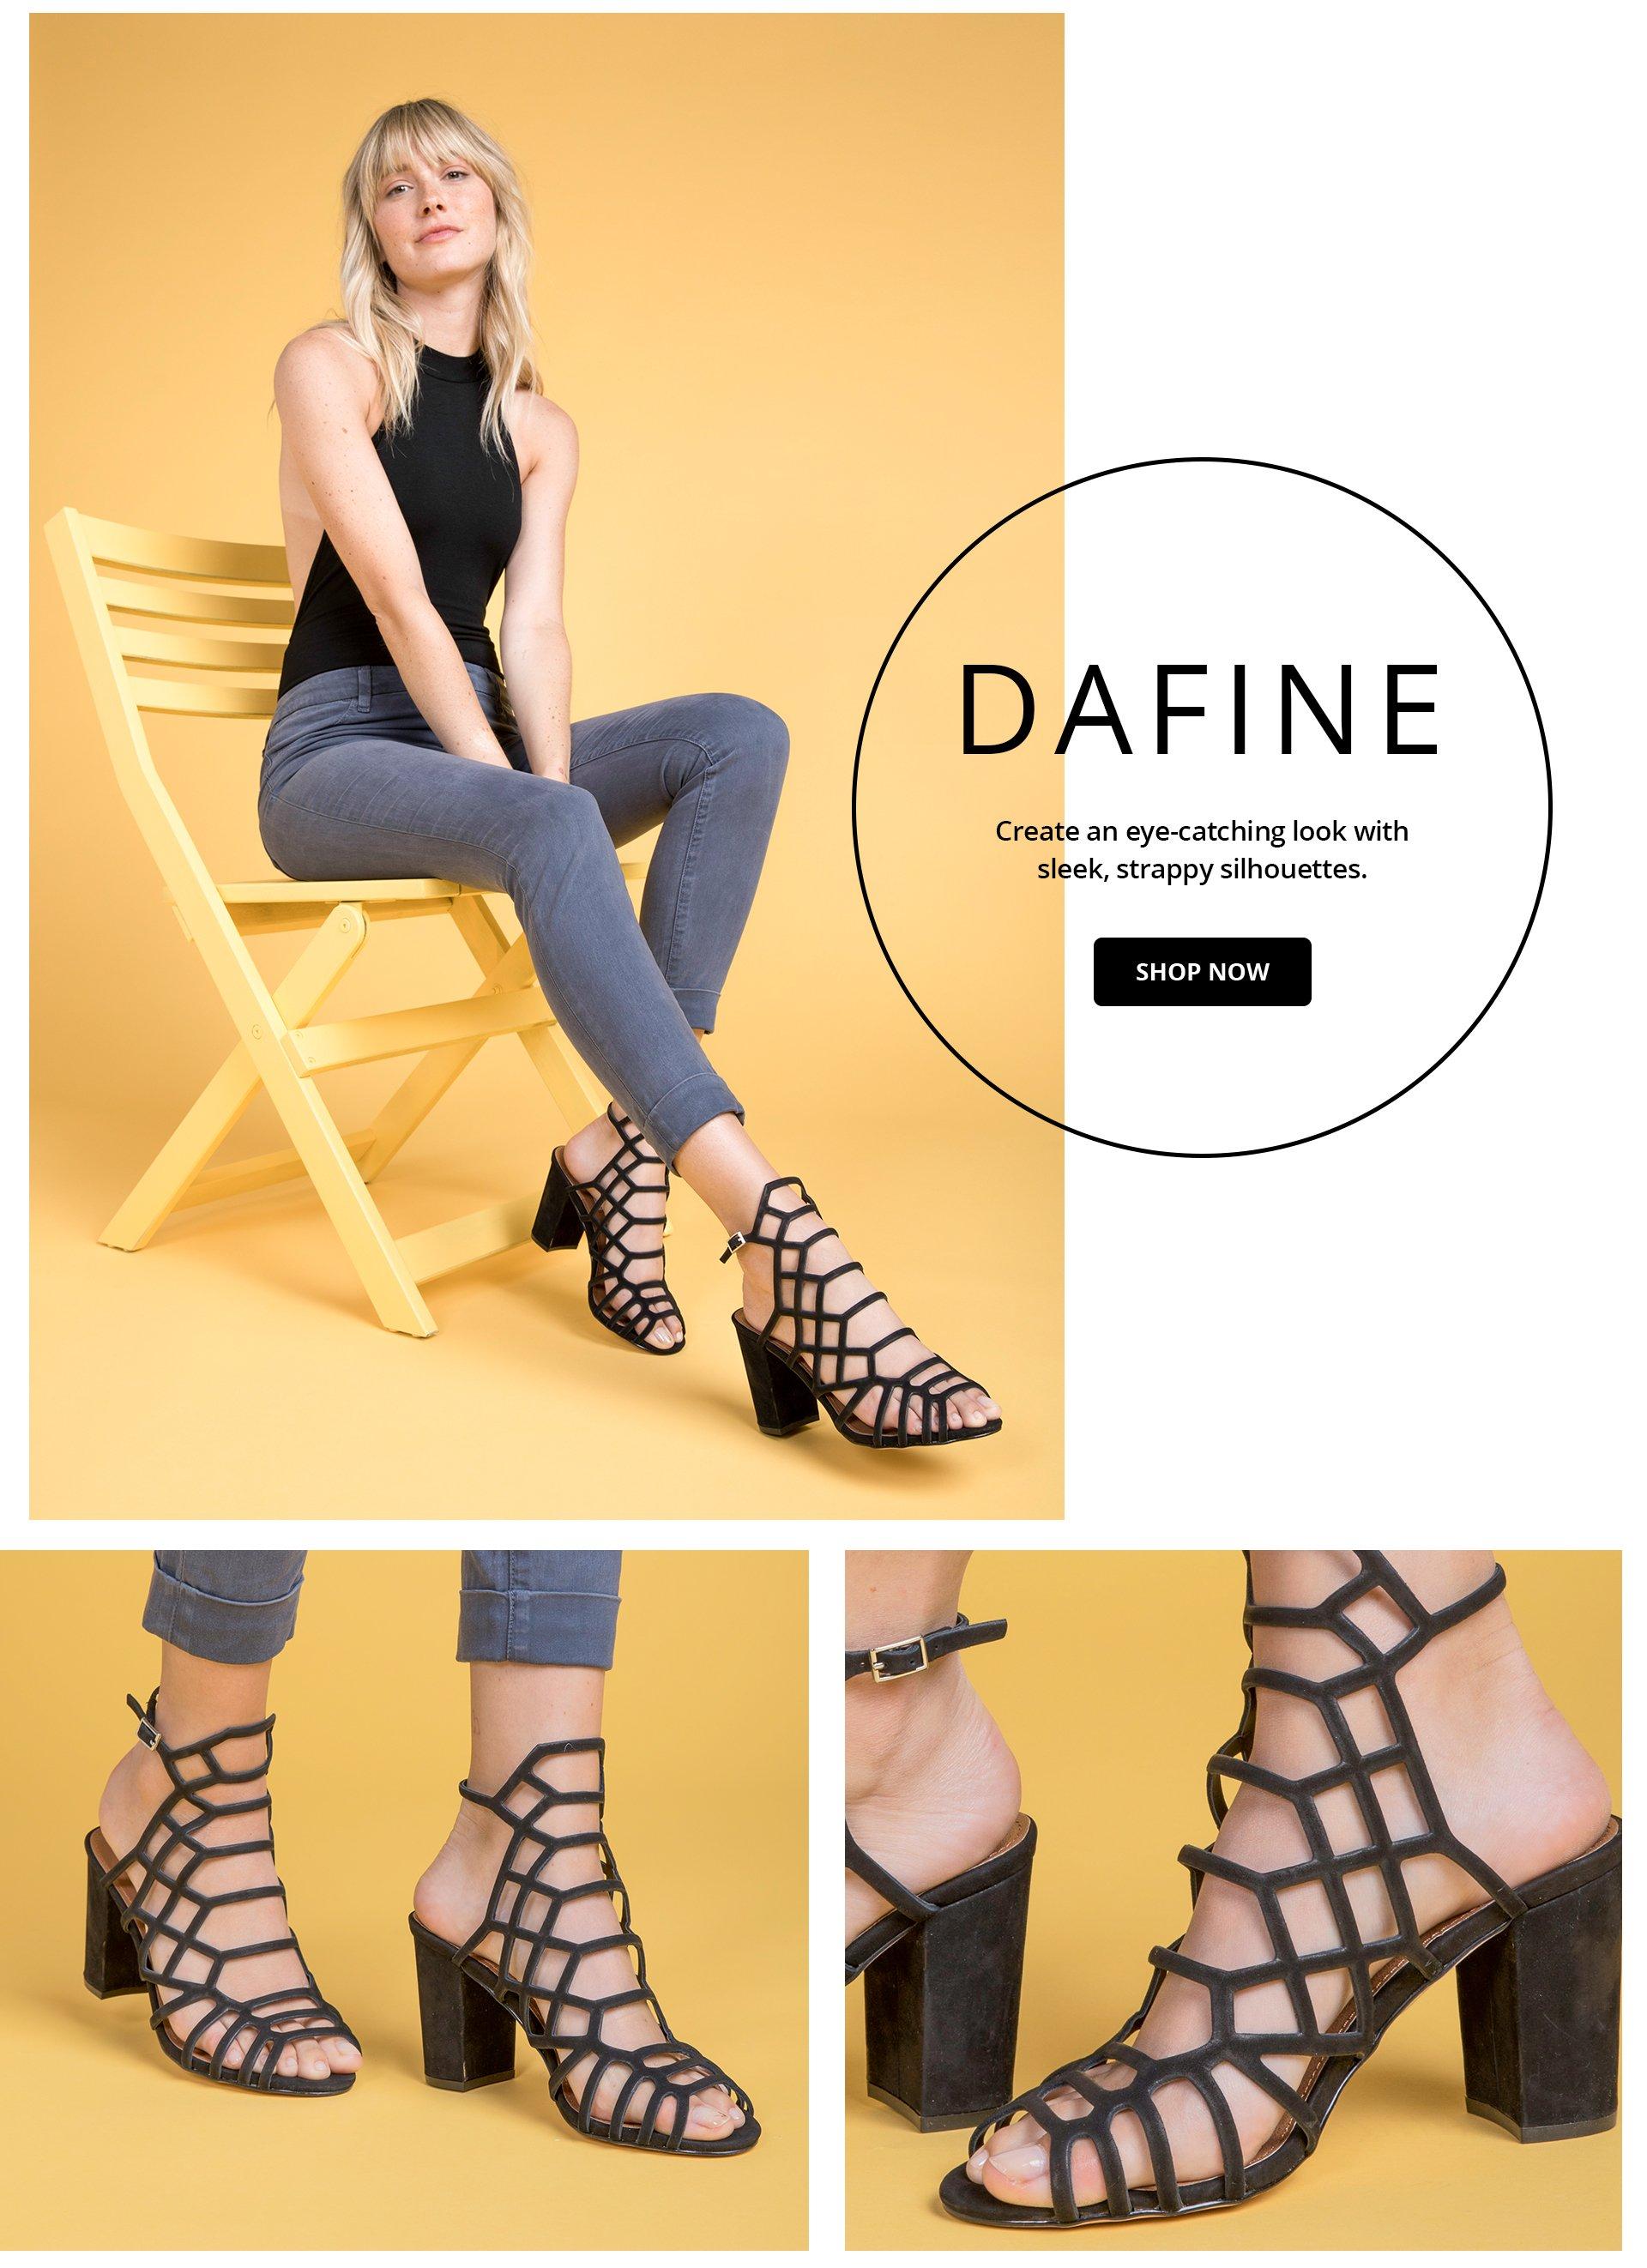 Dafine